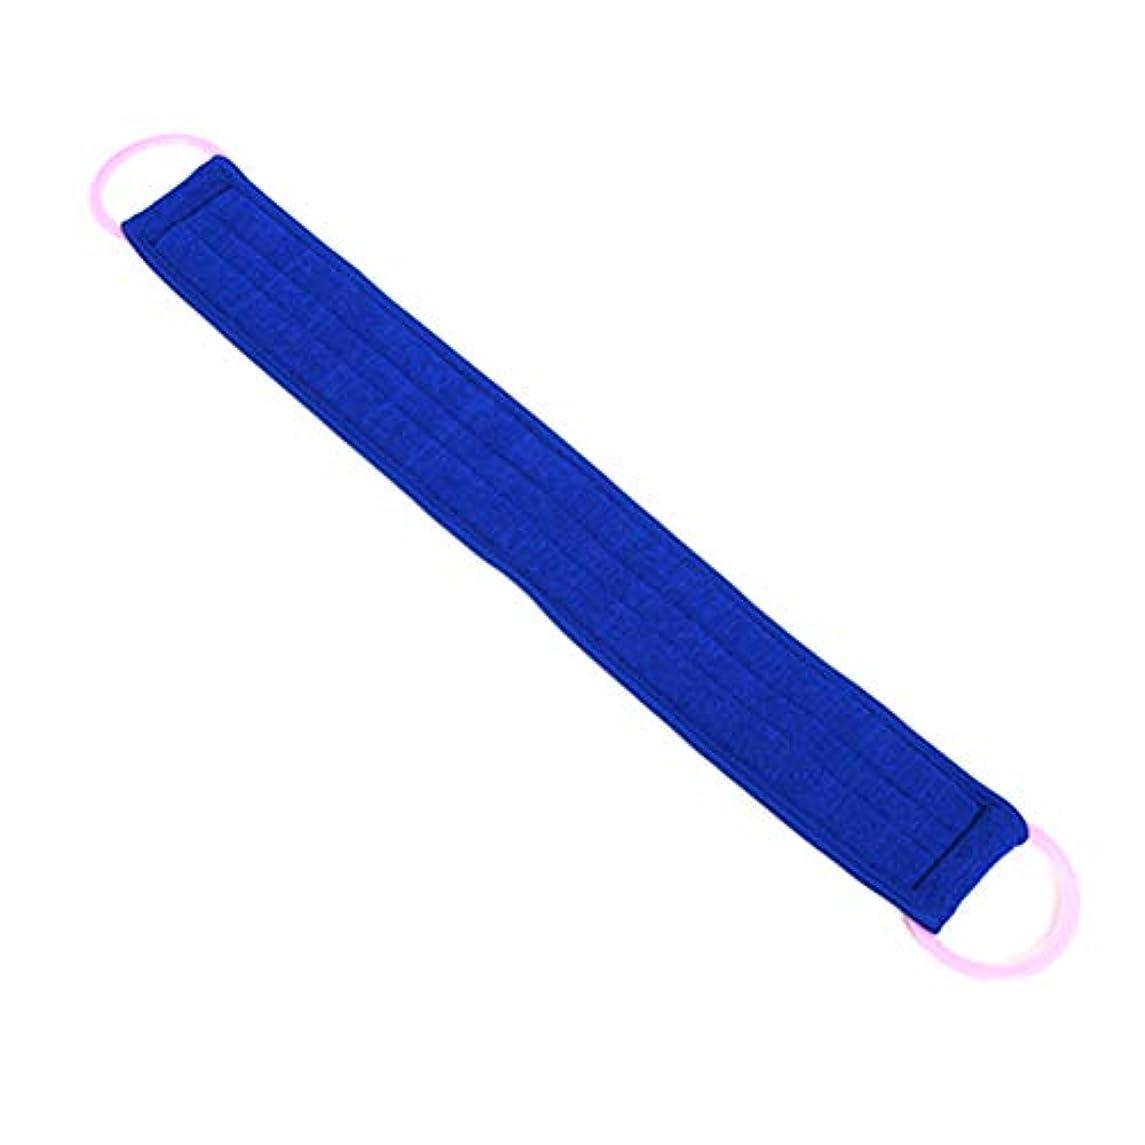 剪断毛細血管染色Lurrose バスラブブラシエクスフォリエイトプルバックストリップラブバックベルトチョッピングバンドバスタオル(ブルー)